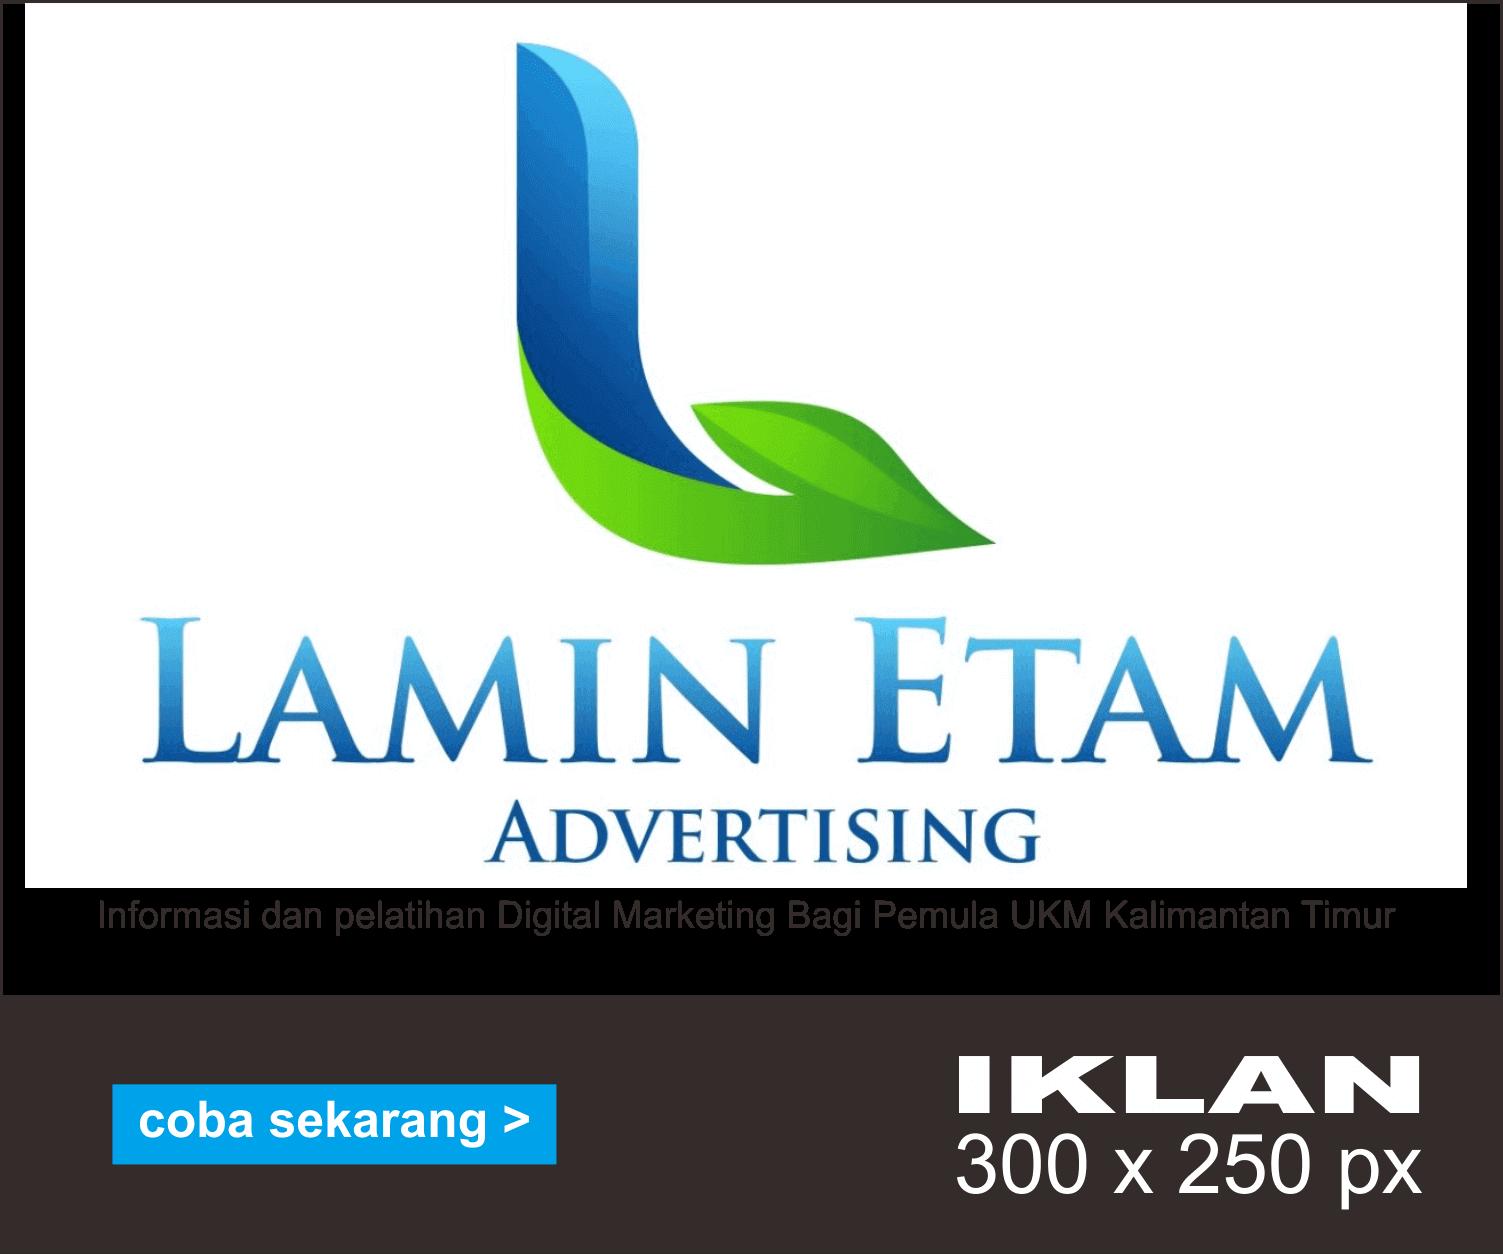 Iklan Lamin Etam